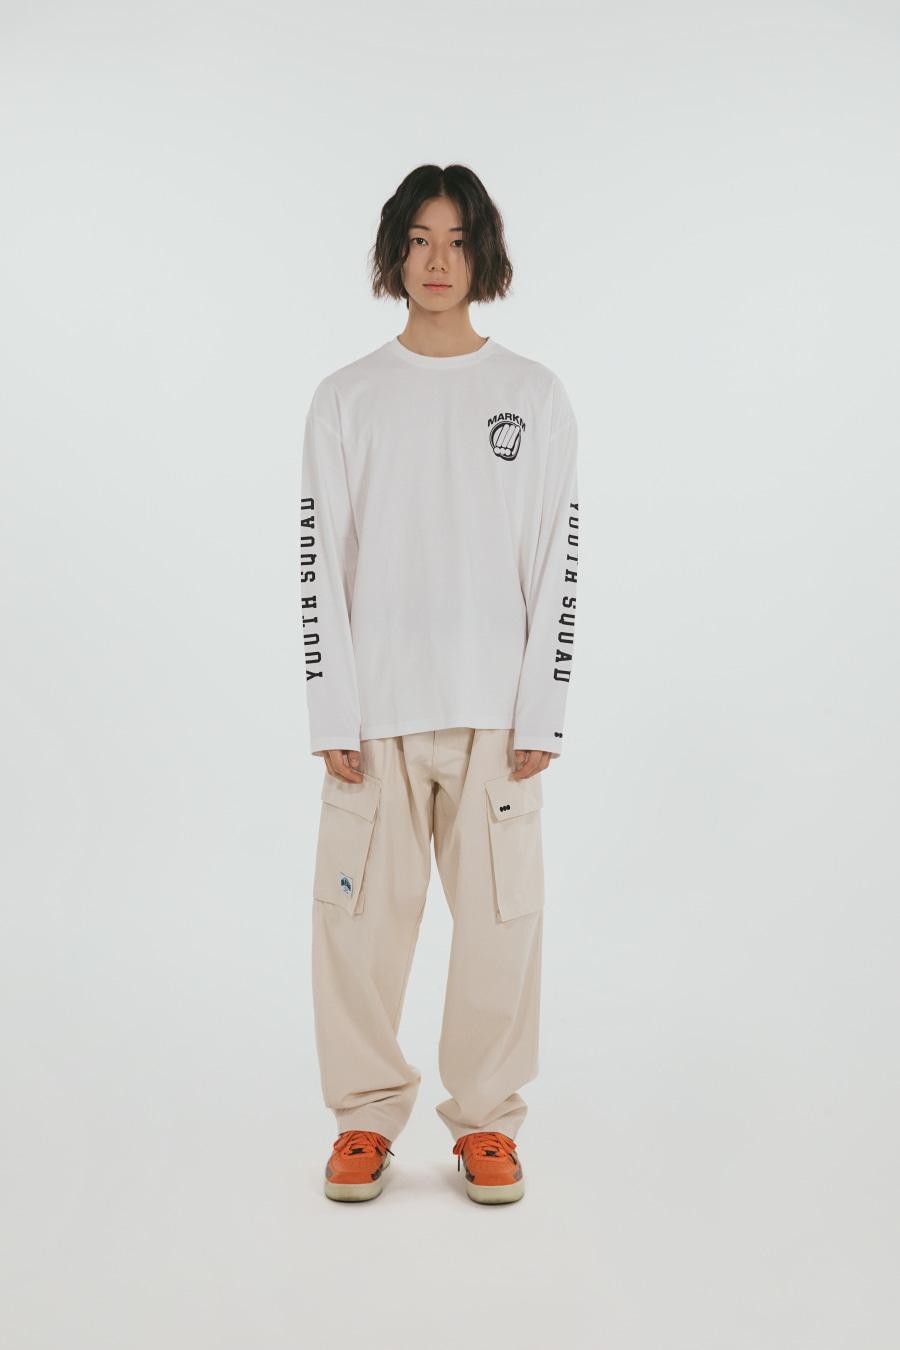 [포토카드 part.1 증정] Youth squad Long Sleeve White